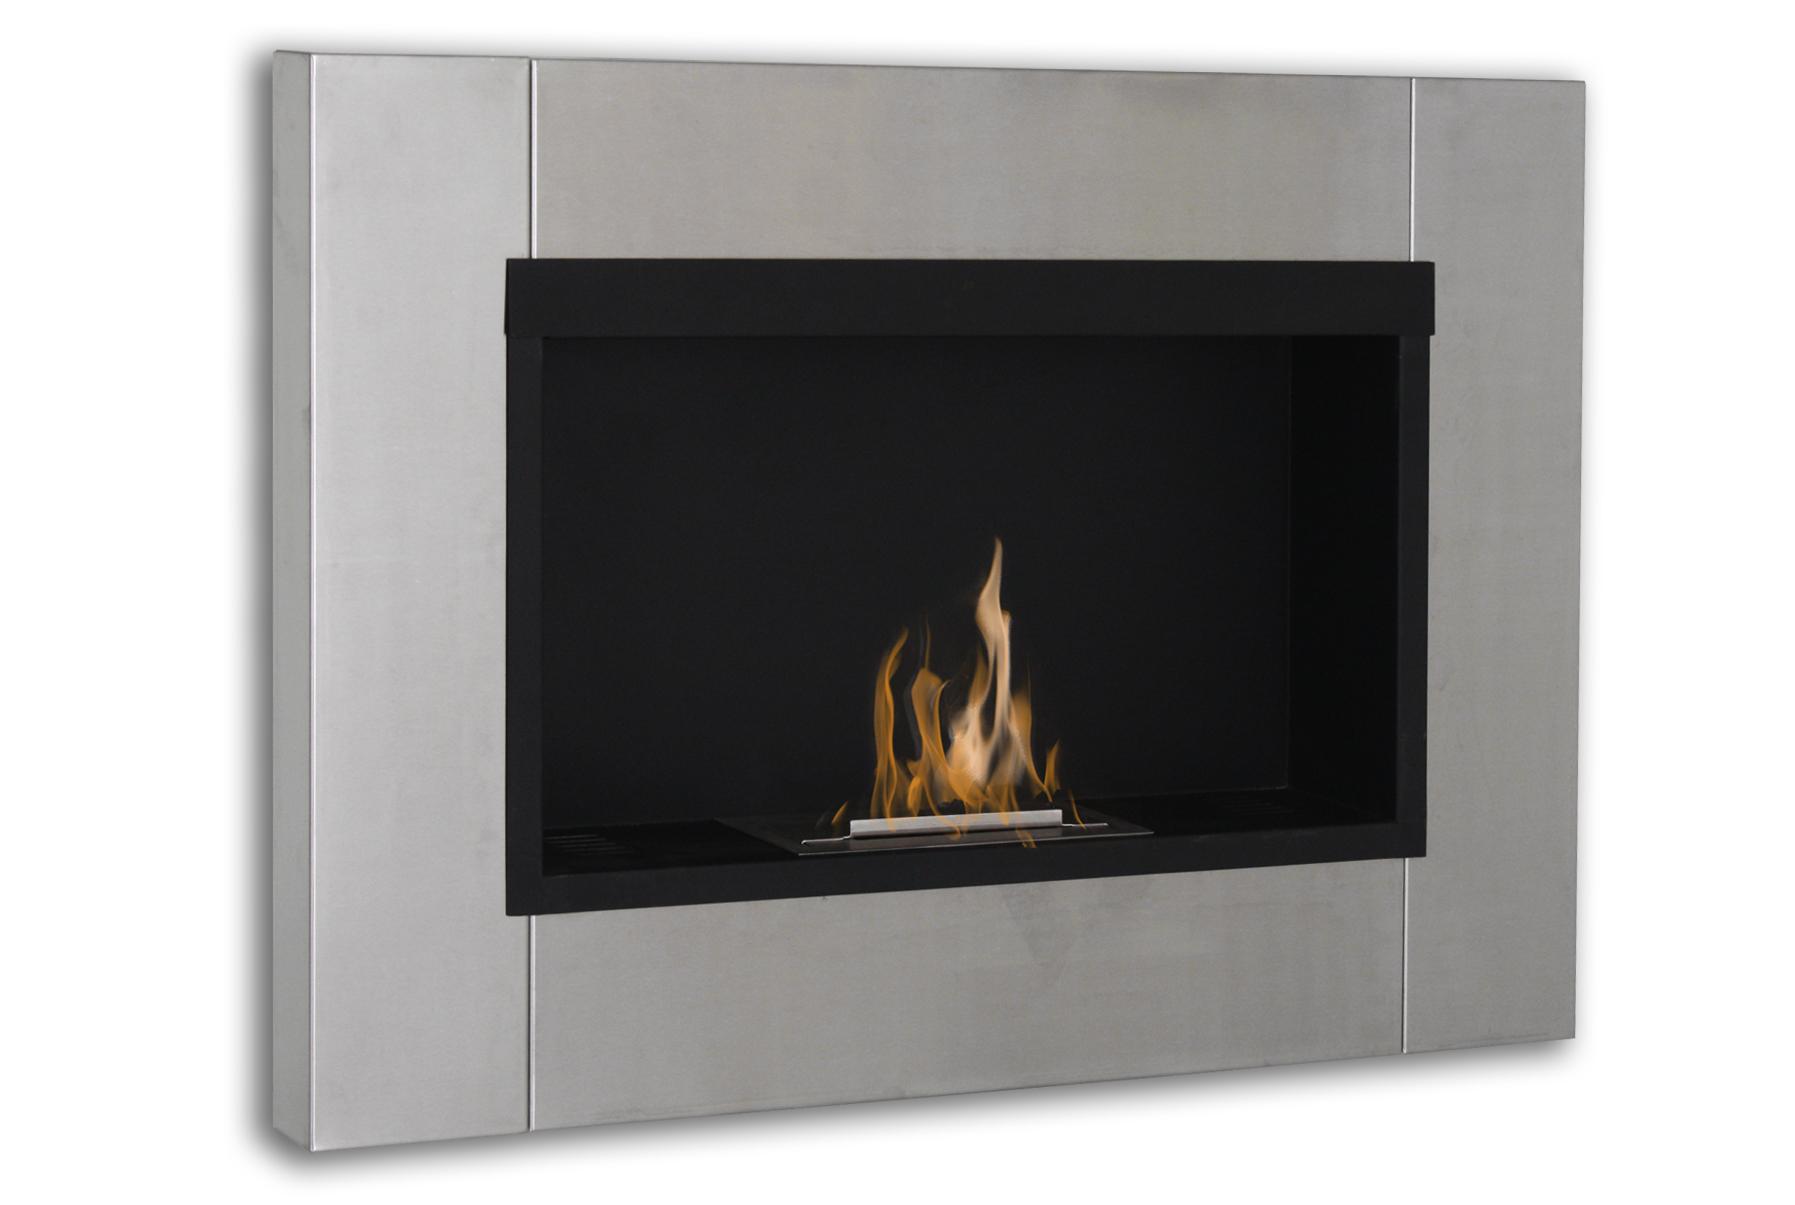 bio ethanol kachel gamma verwarming van het huis met. Black Bedroom Furniture Sets. Home Design Ideas